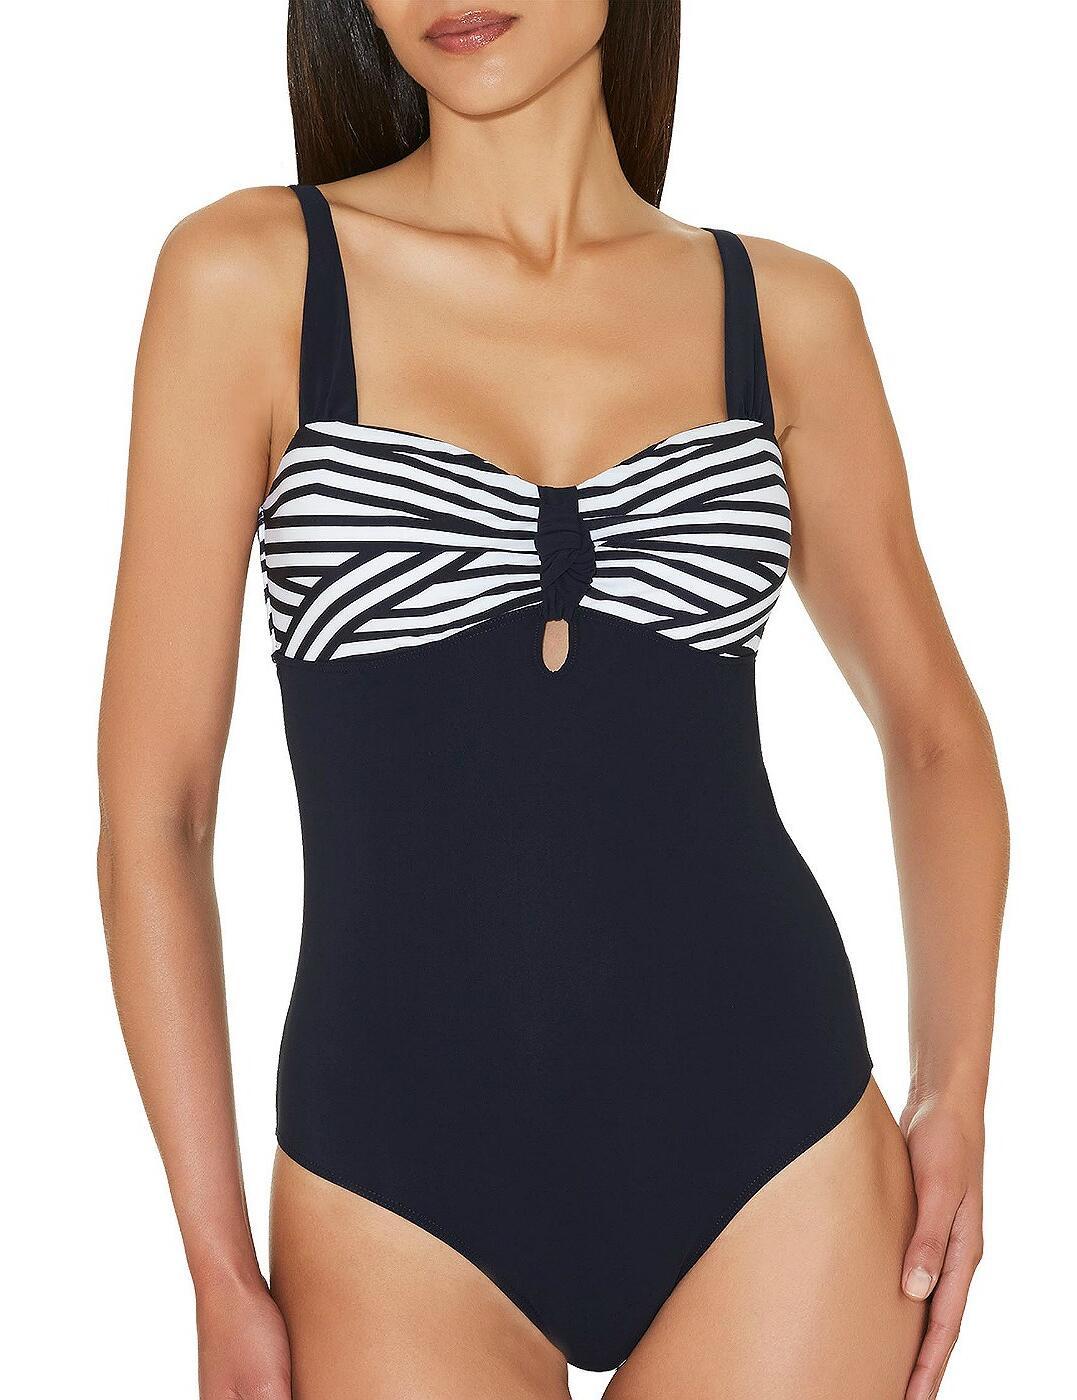 ER56 Aubade Ocean Bow One Piece Swimsuit - ER56 Sailor